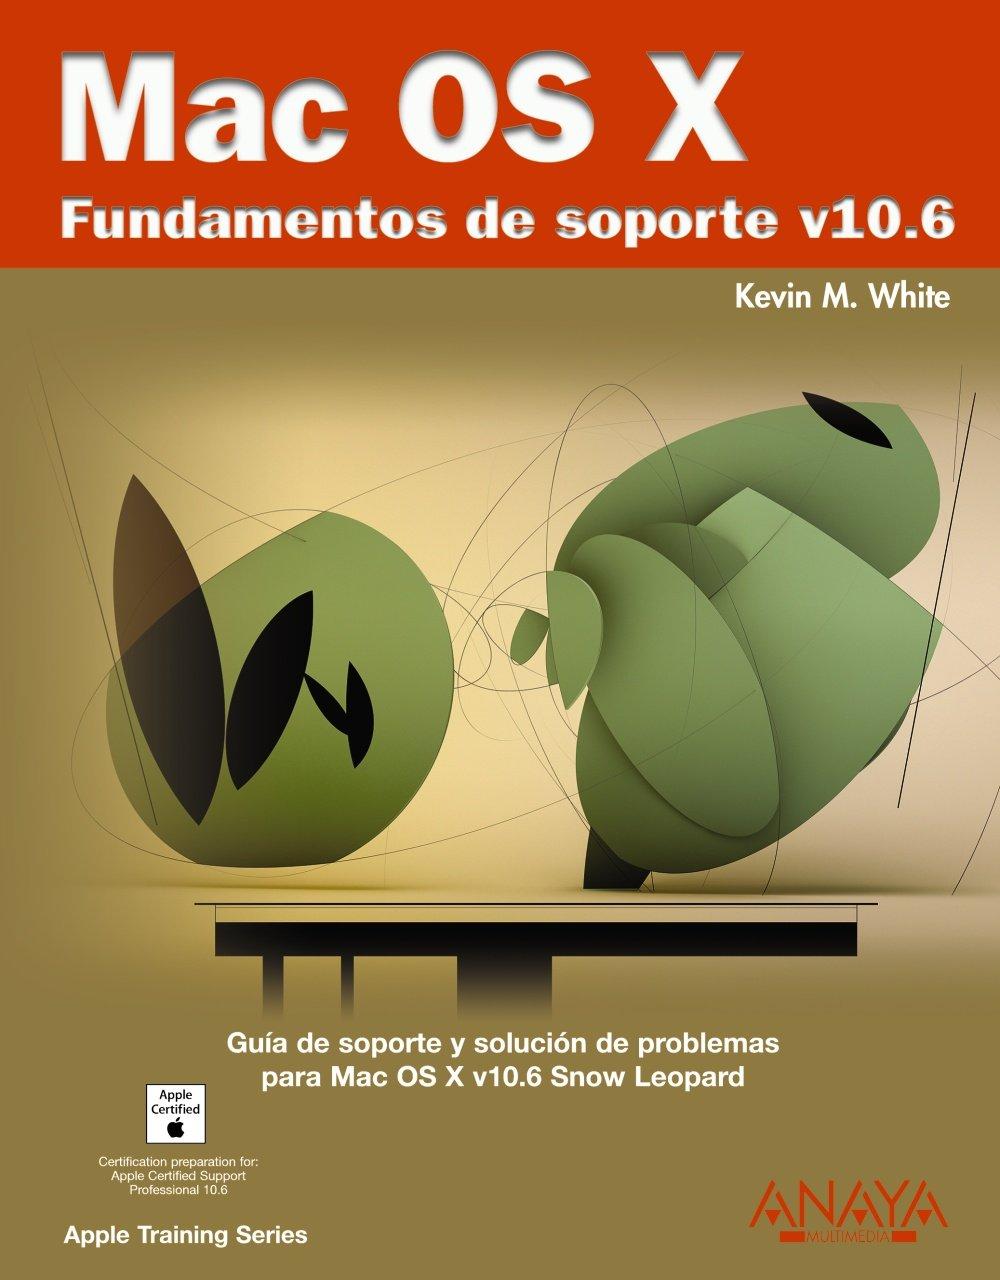 Mac OS X. Fundamentos de soporte v10.6 (Títulos Especiales) Tapa blanda – 19 abr 2010 Kevin M. White ANAYA MULTIMEDIA 8441526680 JP047261